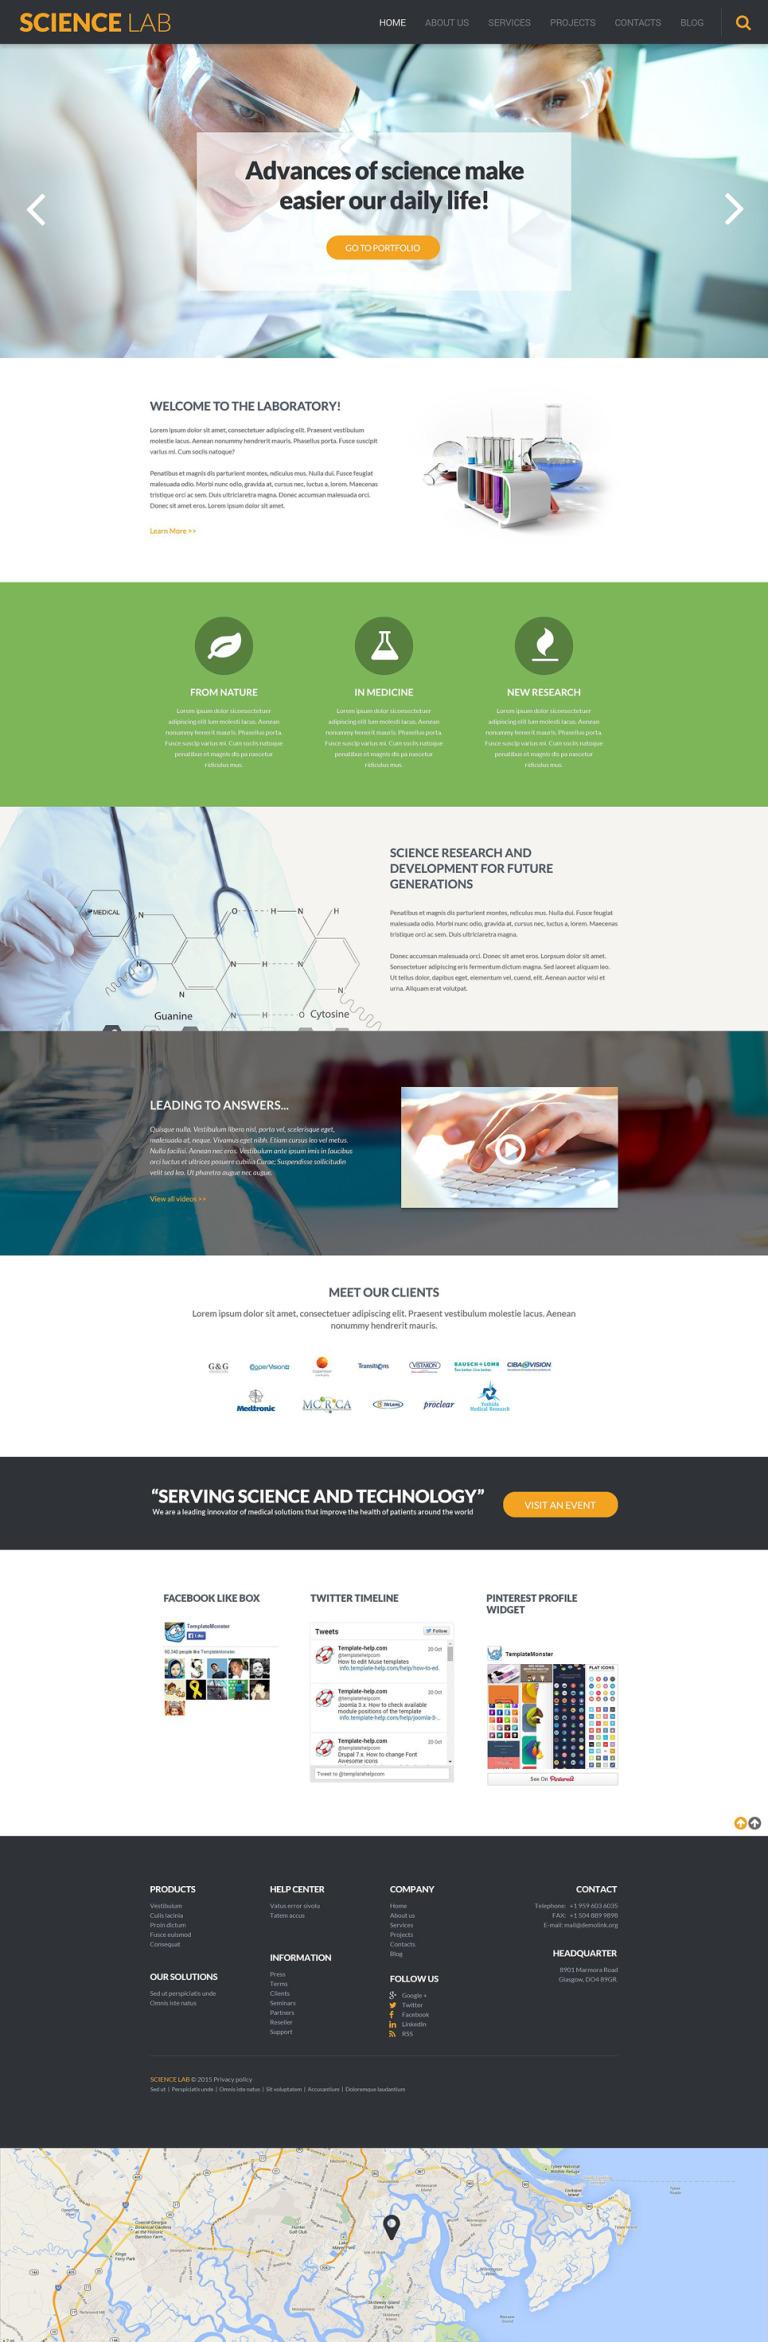 Science Lab WordPress Theme New Screenshots BIG